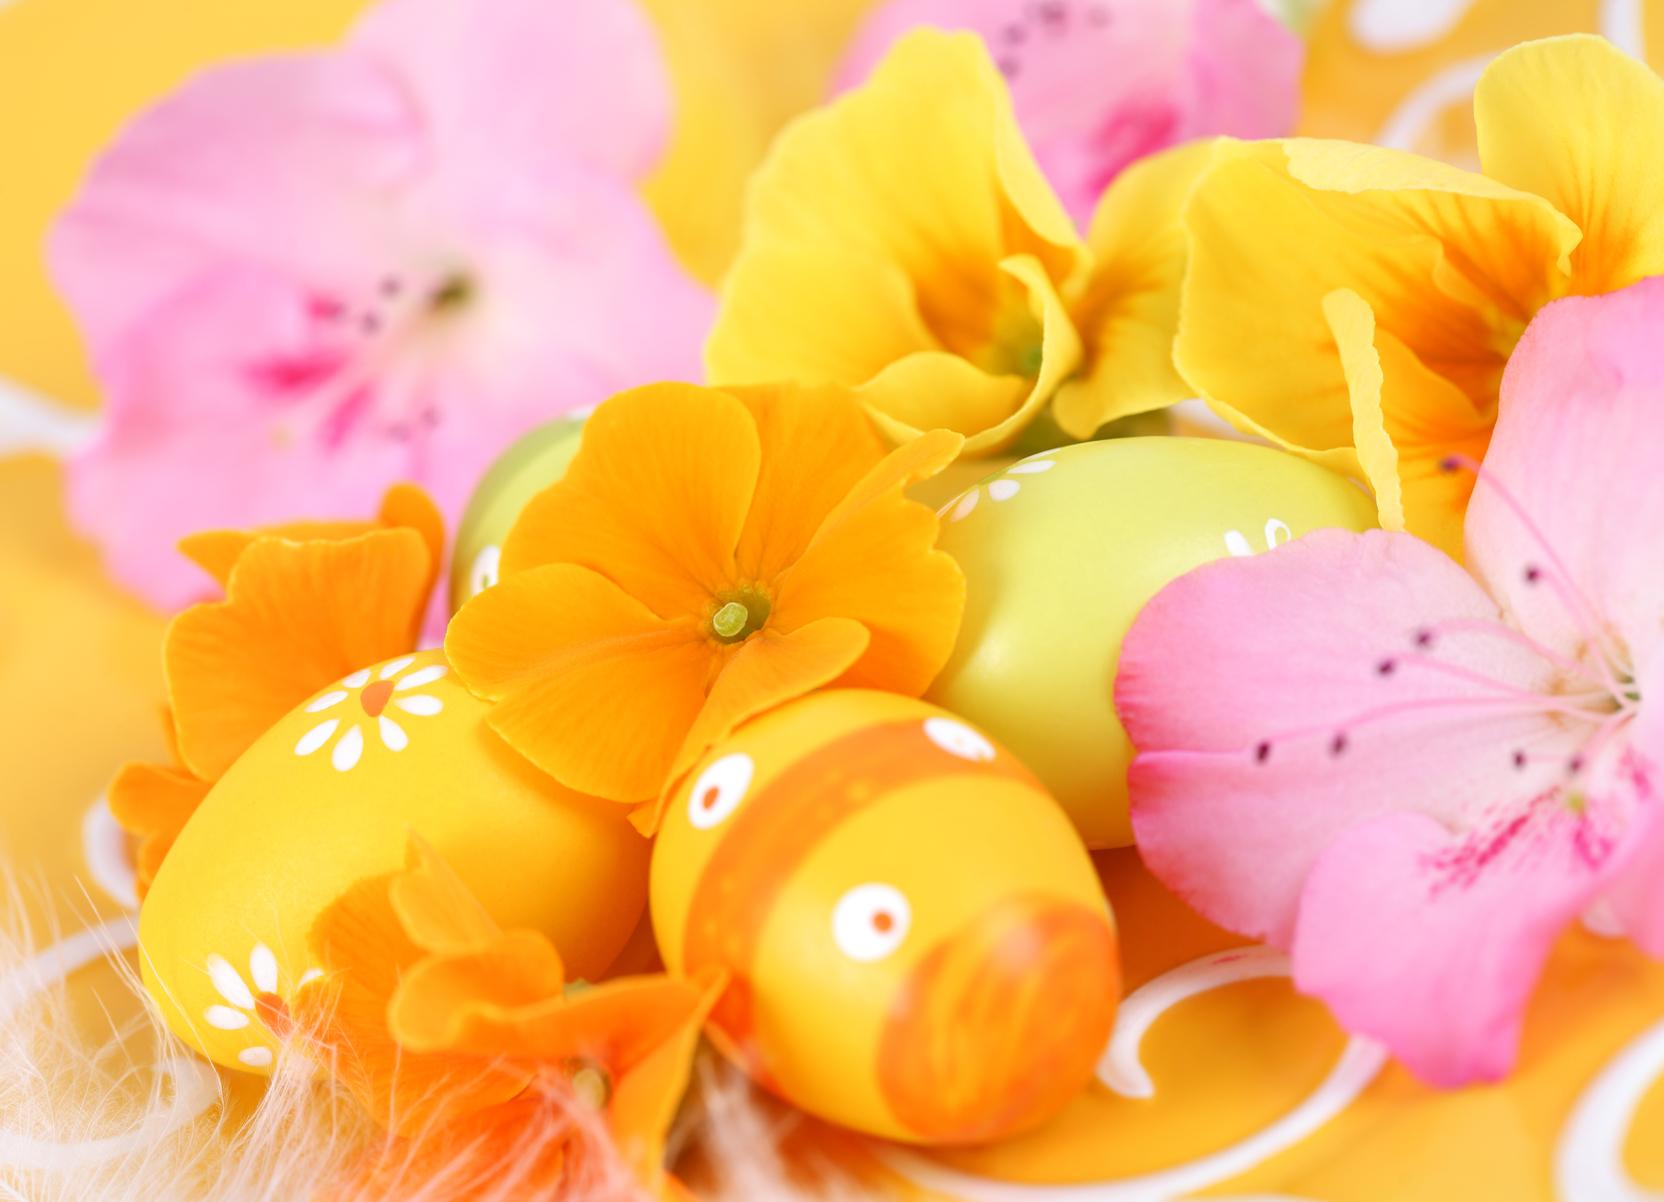 Пасха 2014 – один из самых светлых и радостных праздников весны